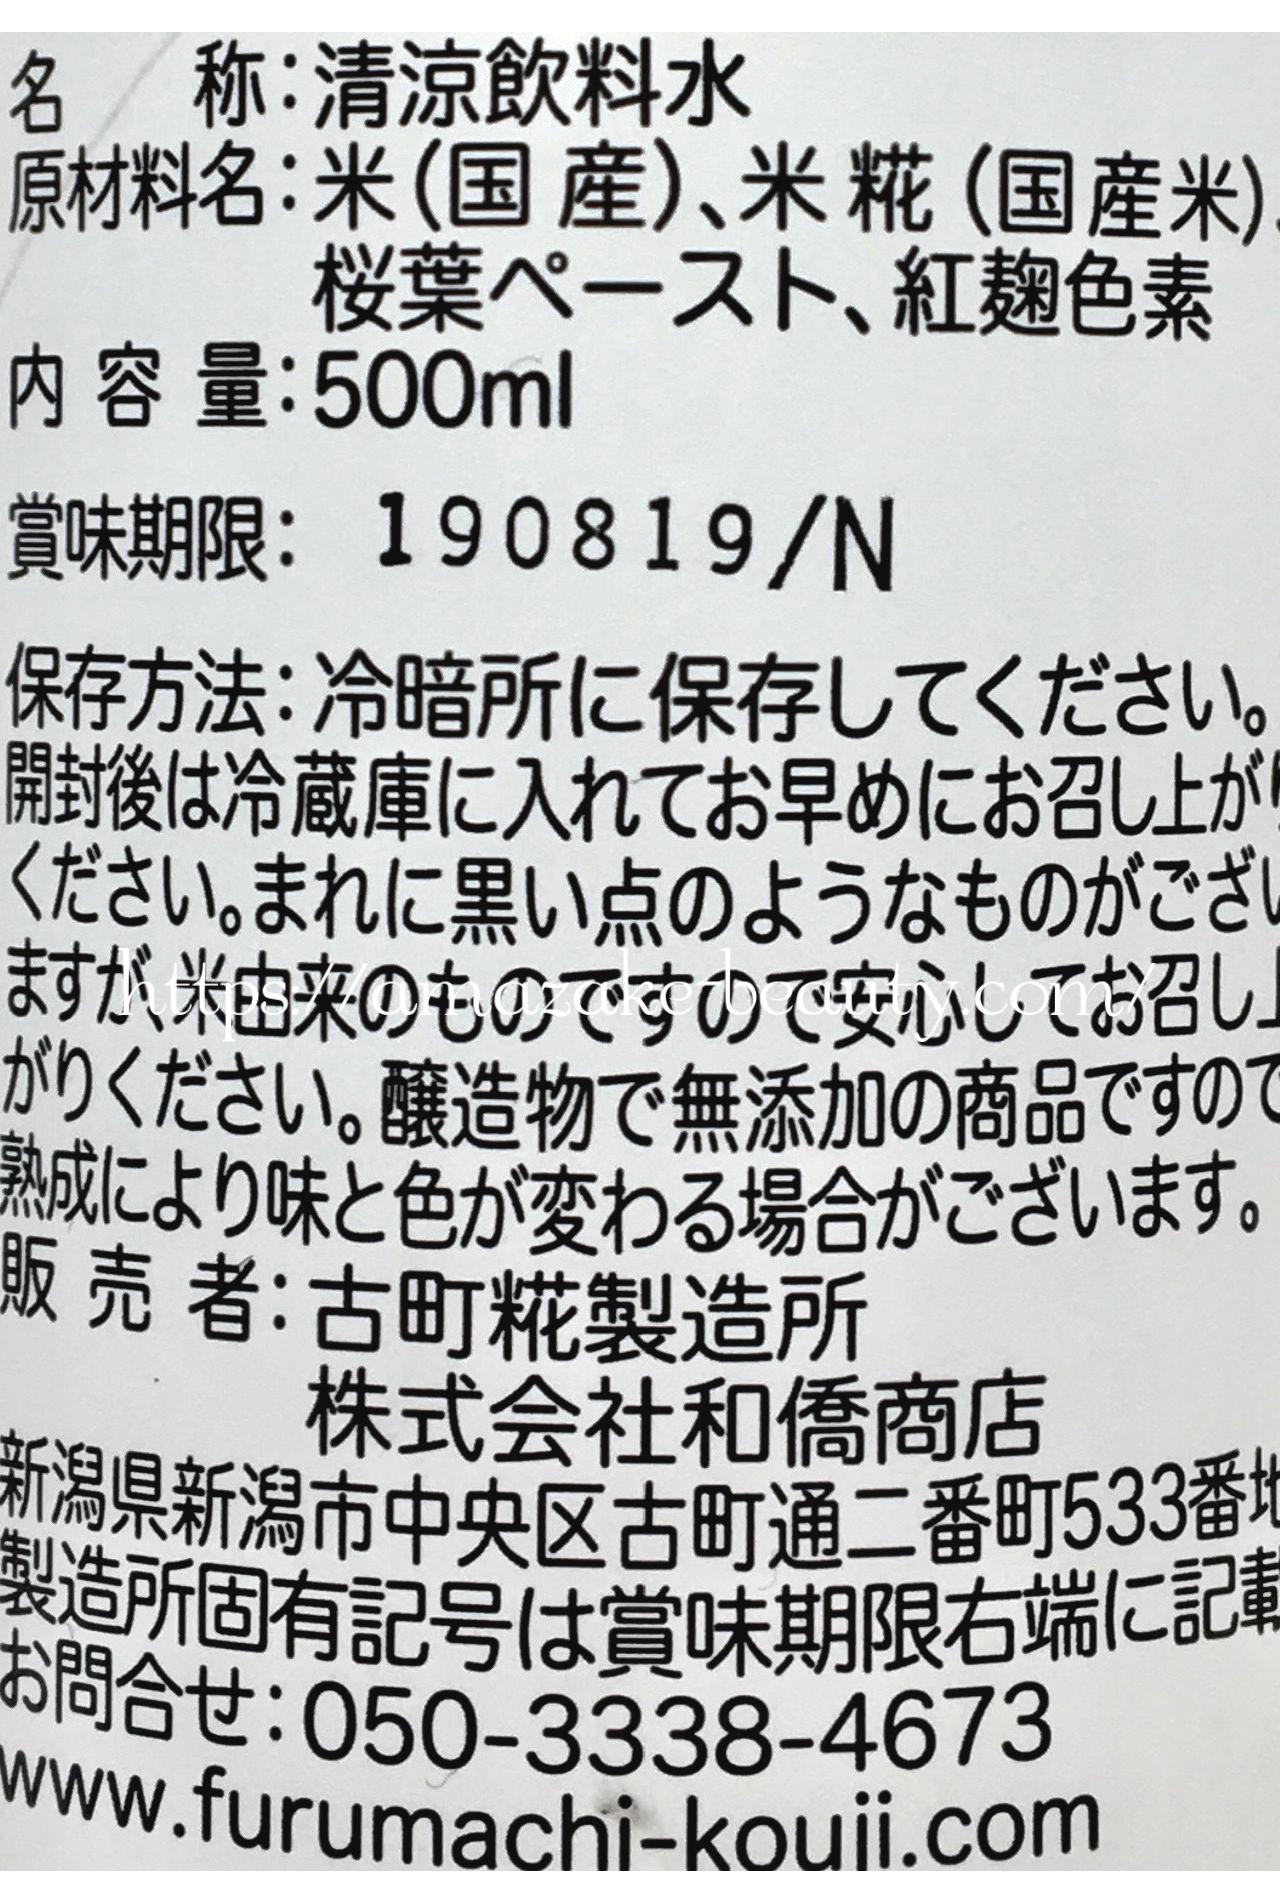 [amazake]furumachikoujiseizosho[koji・ sakurasaku](product description)